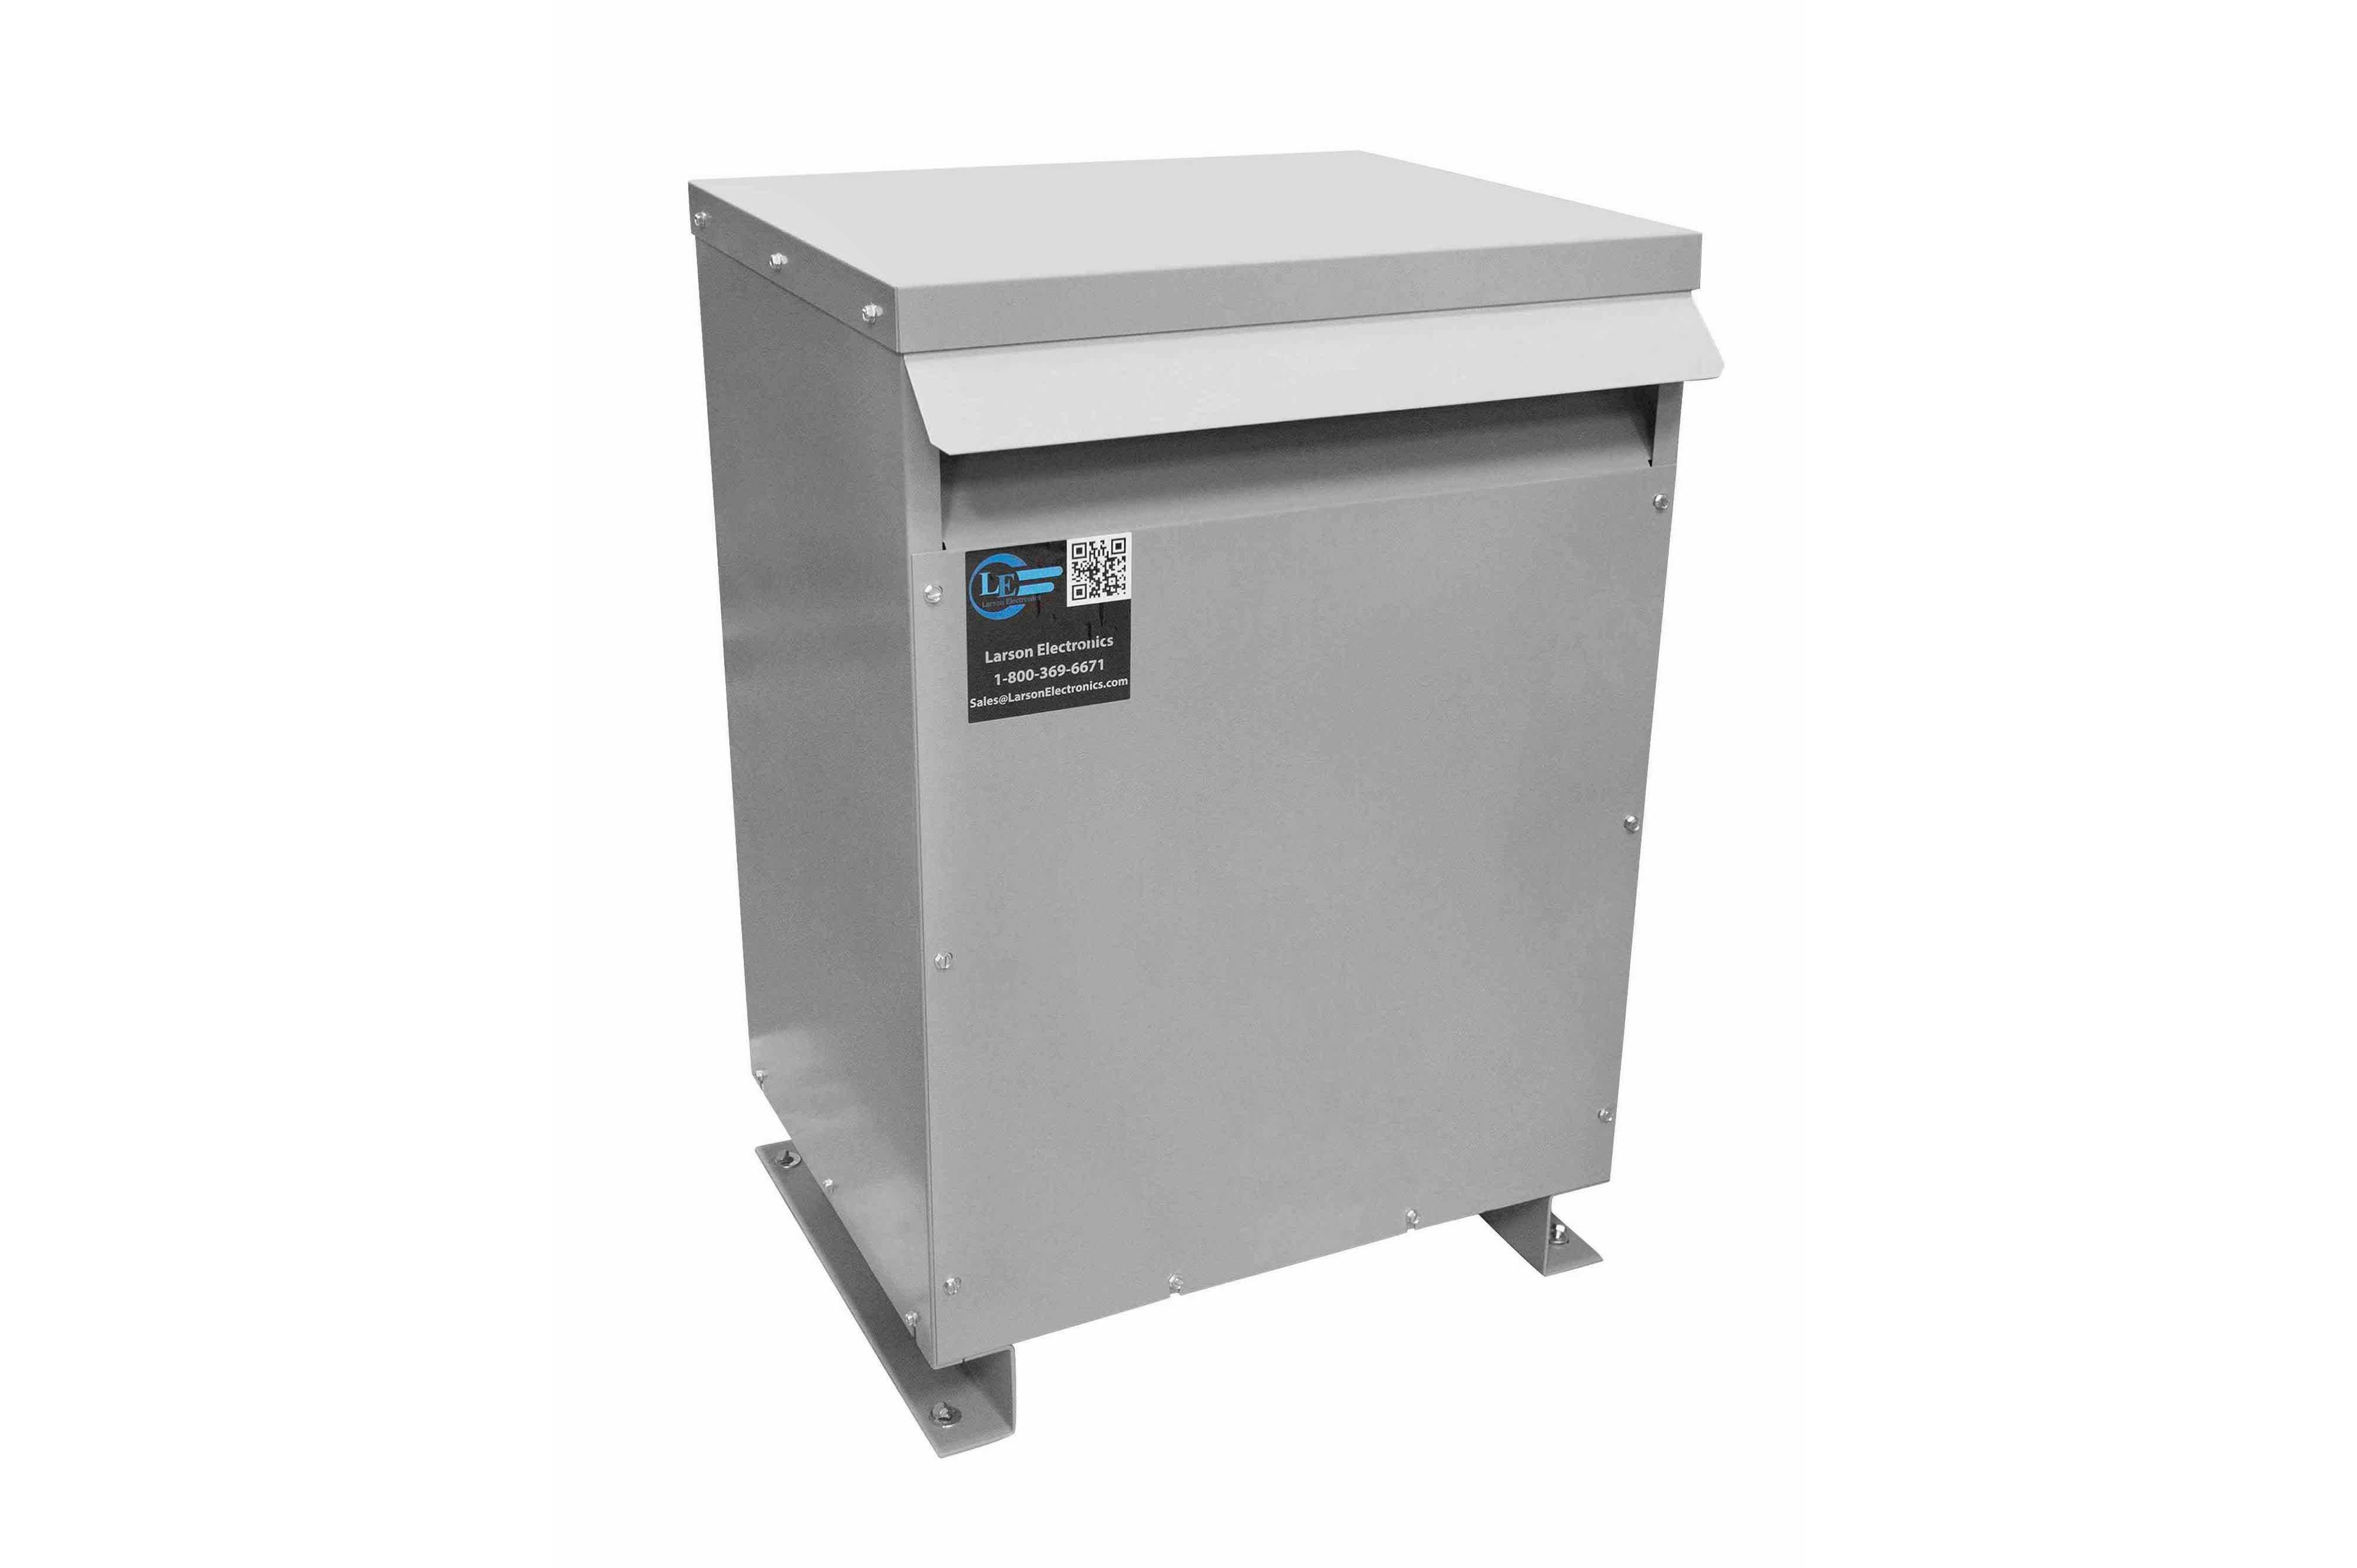 38 kVA 3PH Isolation Transformer, 240V Delta Primary, 400V Delta Secondary, N3R, Ventilated, 60 Hz